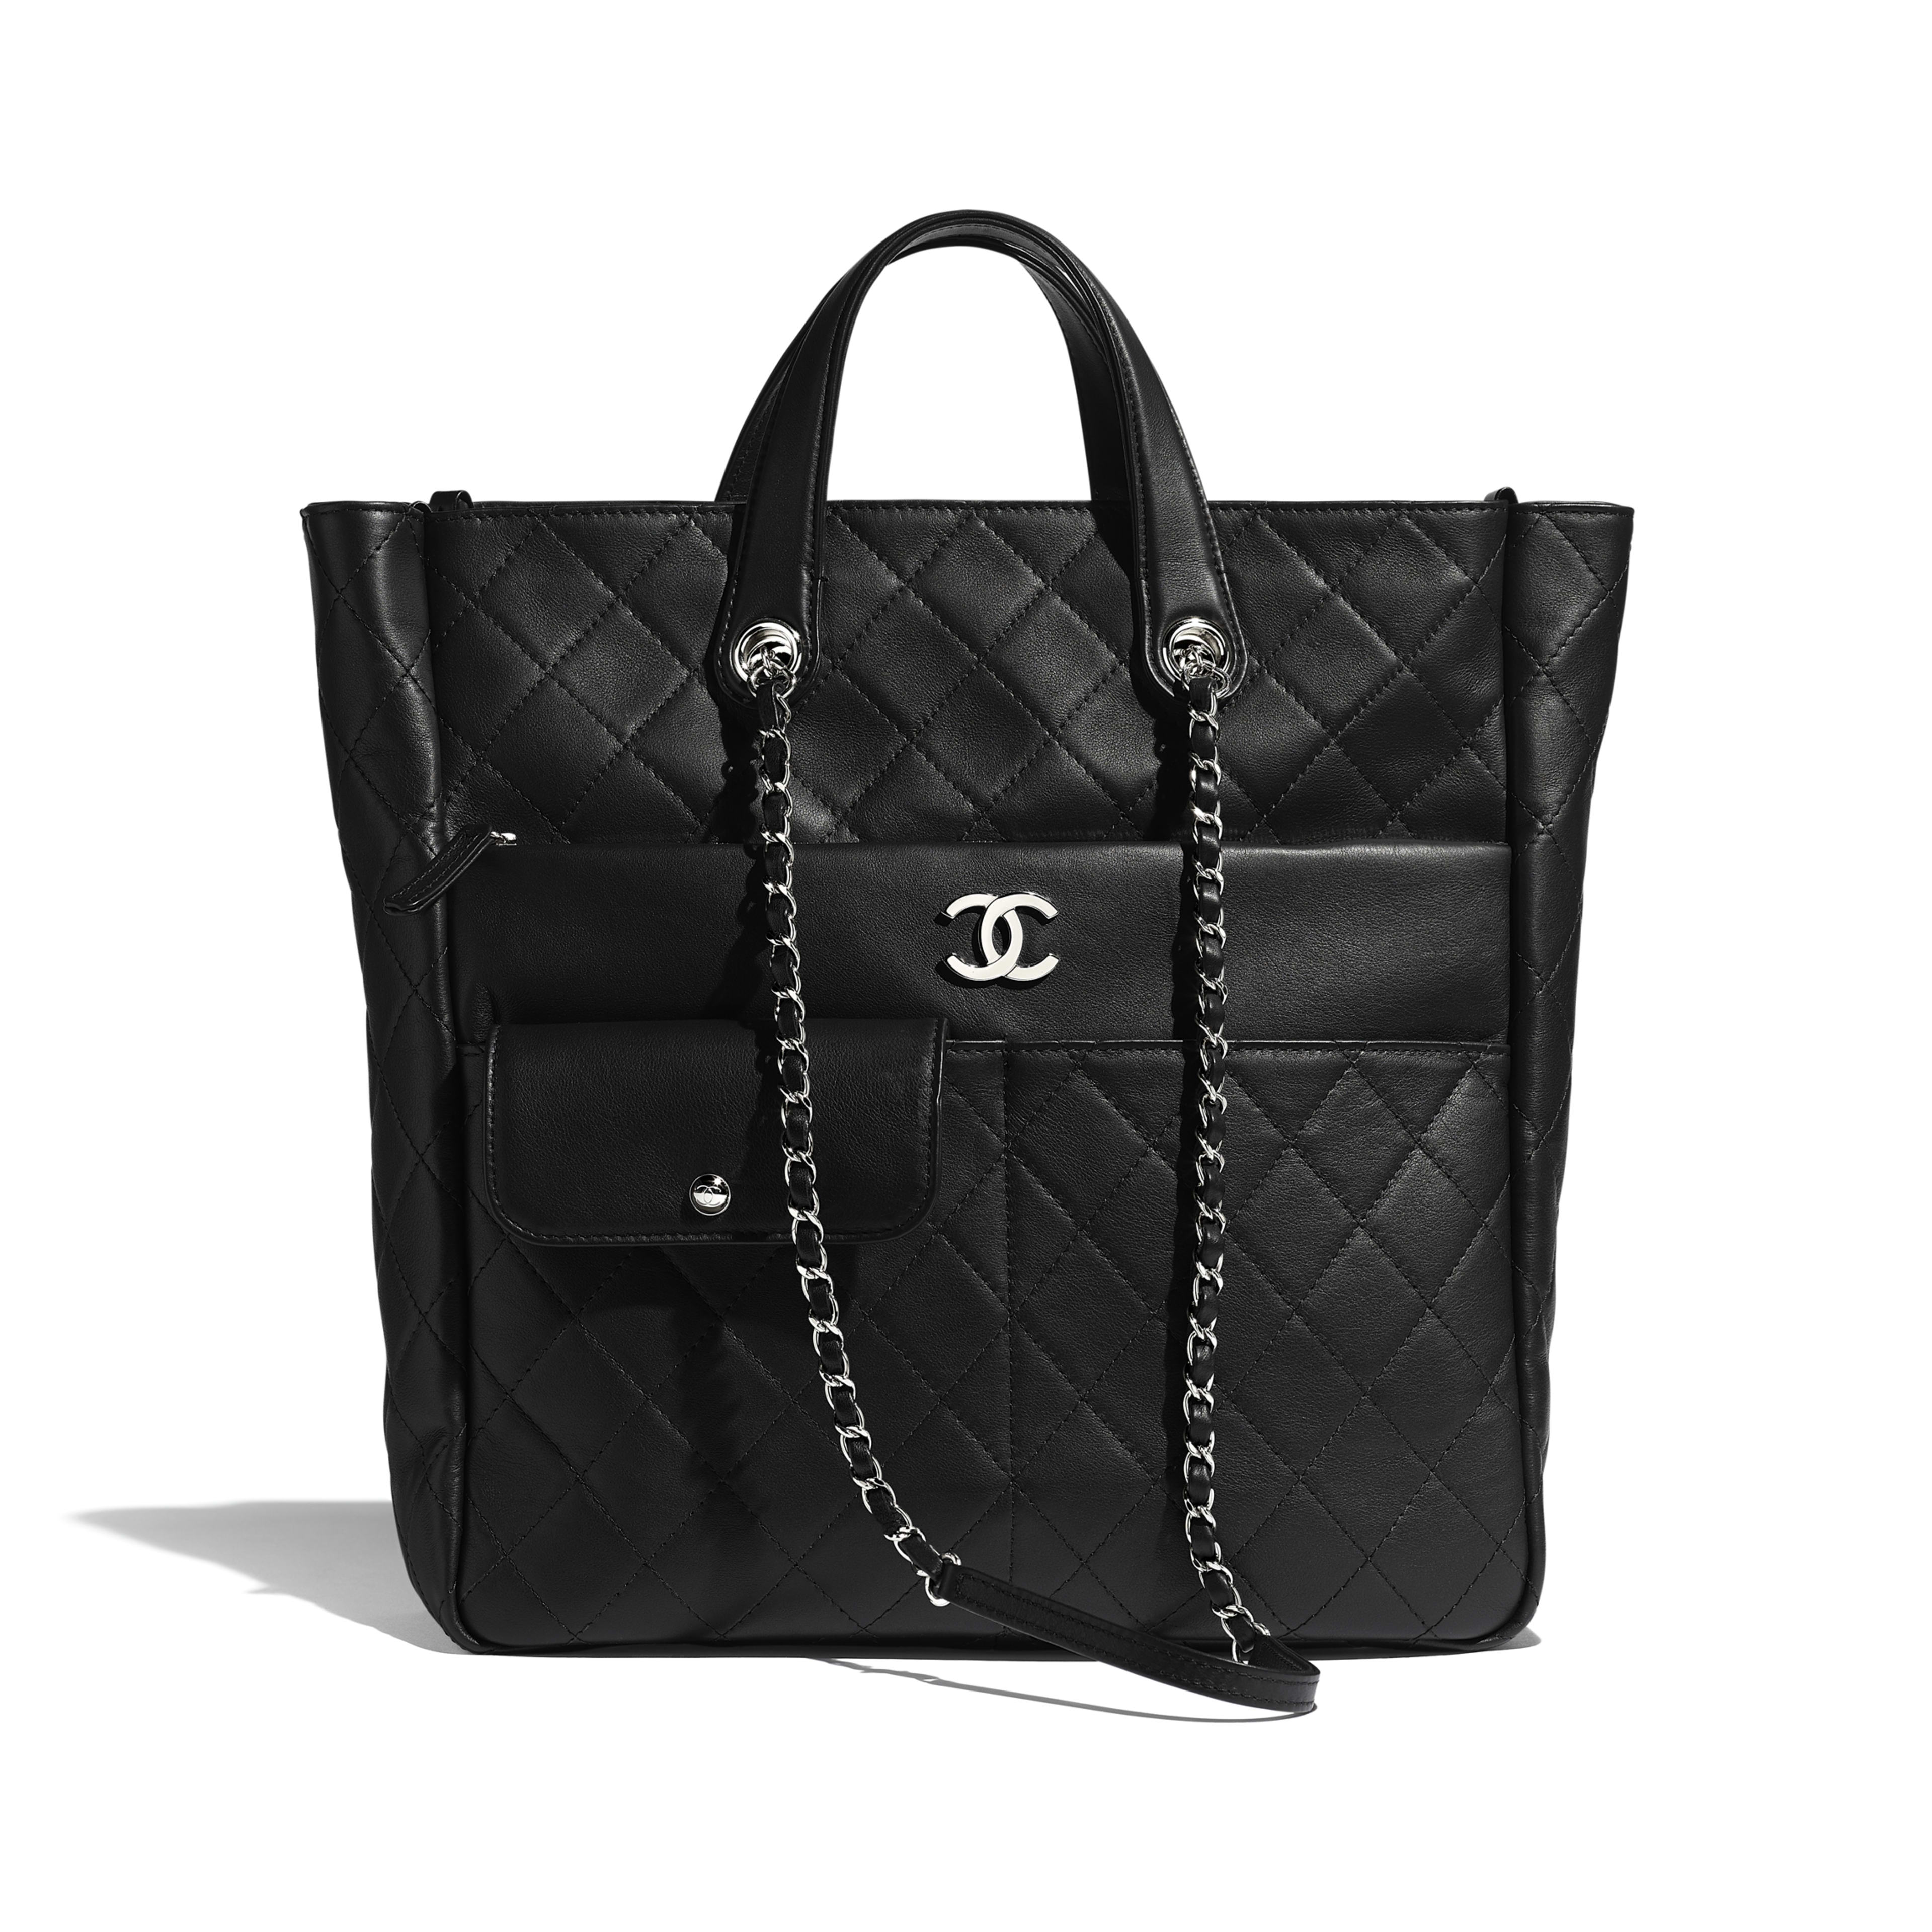 กระเป๋าช้อปปิ้งโท้ทใบใหญ่ตกแต่งซิป - สีดำ - หนังลูกวัวและโลหะสีเงิน - มุมมองปัจจุบัน - ดูเวอร์ชันขนาดเต็ม